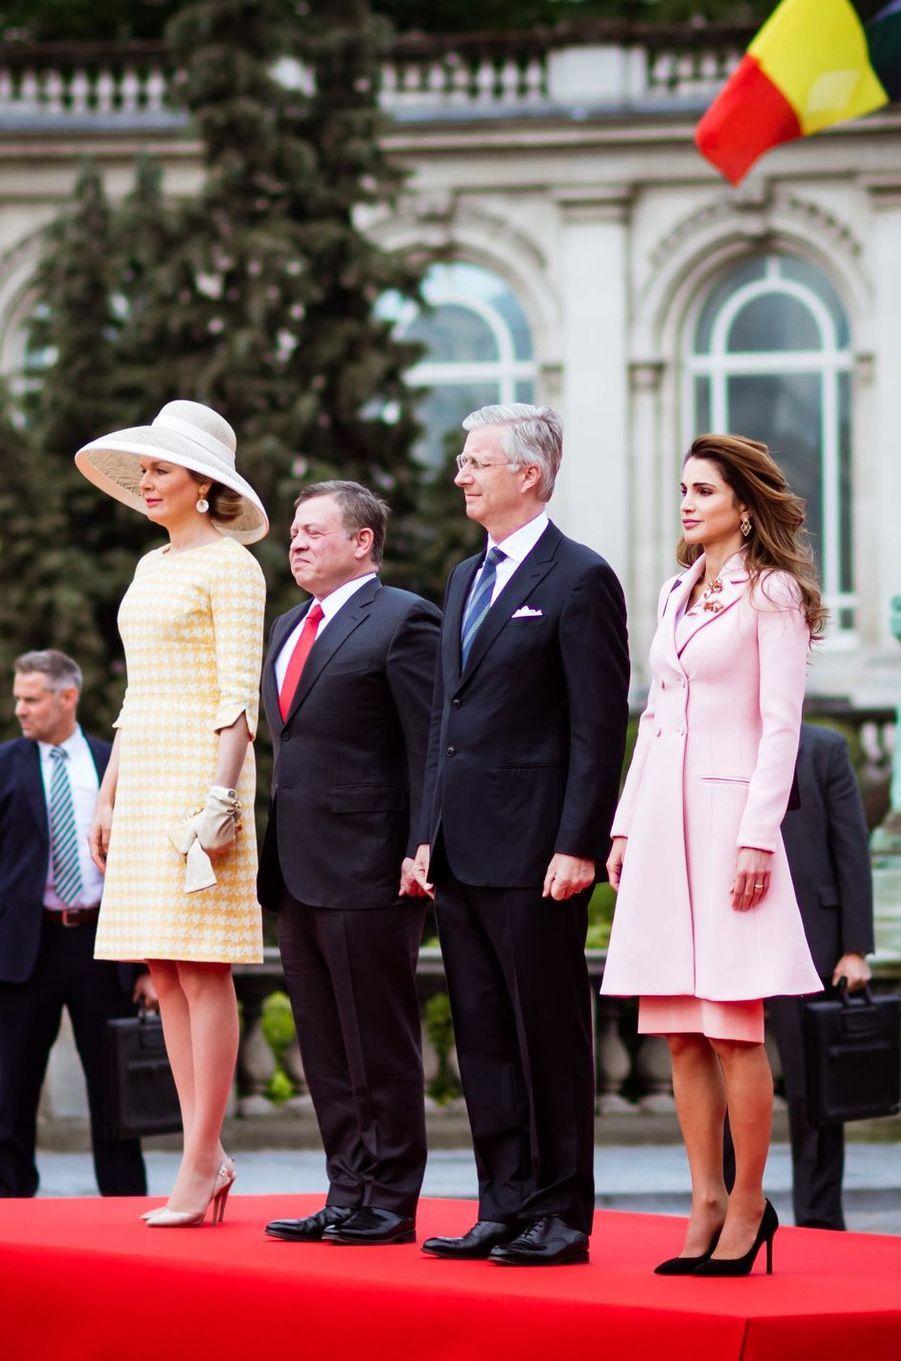 La reine Rania et le roi Abdallah II de Jordanie avec la reine Mathilde et le roi des Belges Philippe, le 18 mai 2016